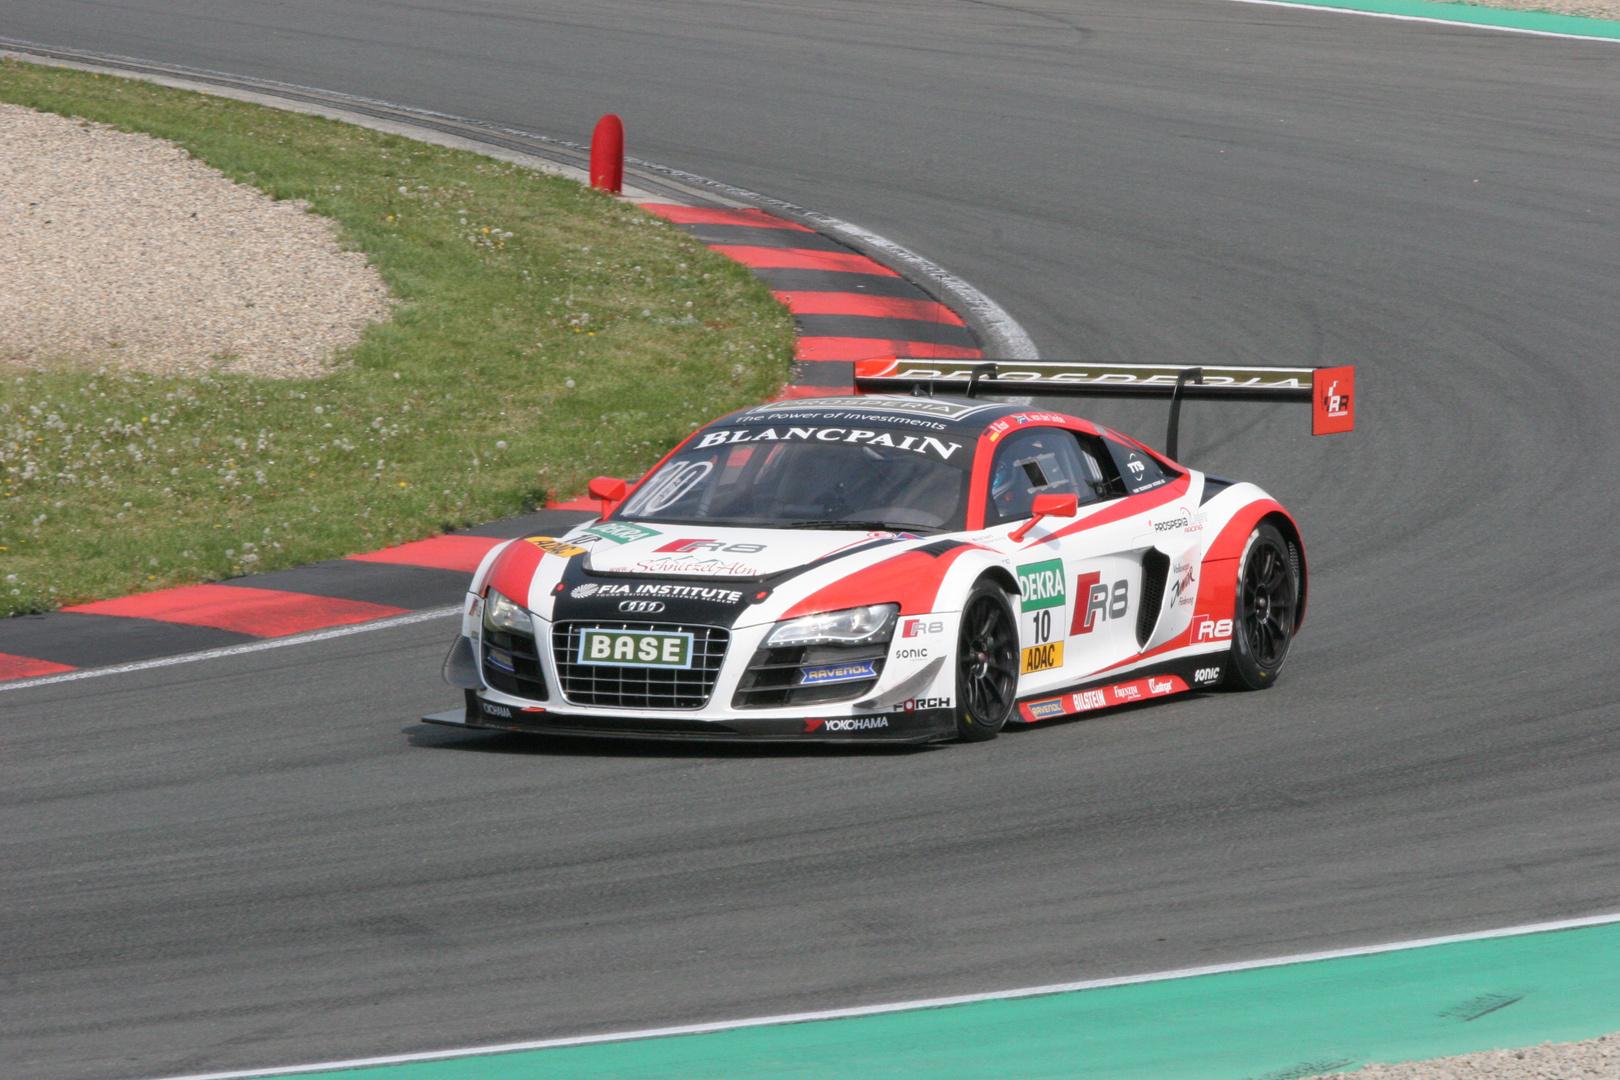 GT Masters 2014 Oschersleben R8 LMS Ultra Rast / van der Linde